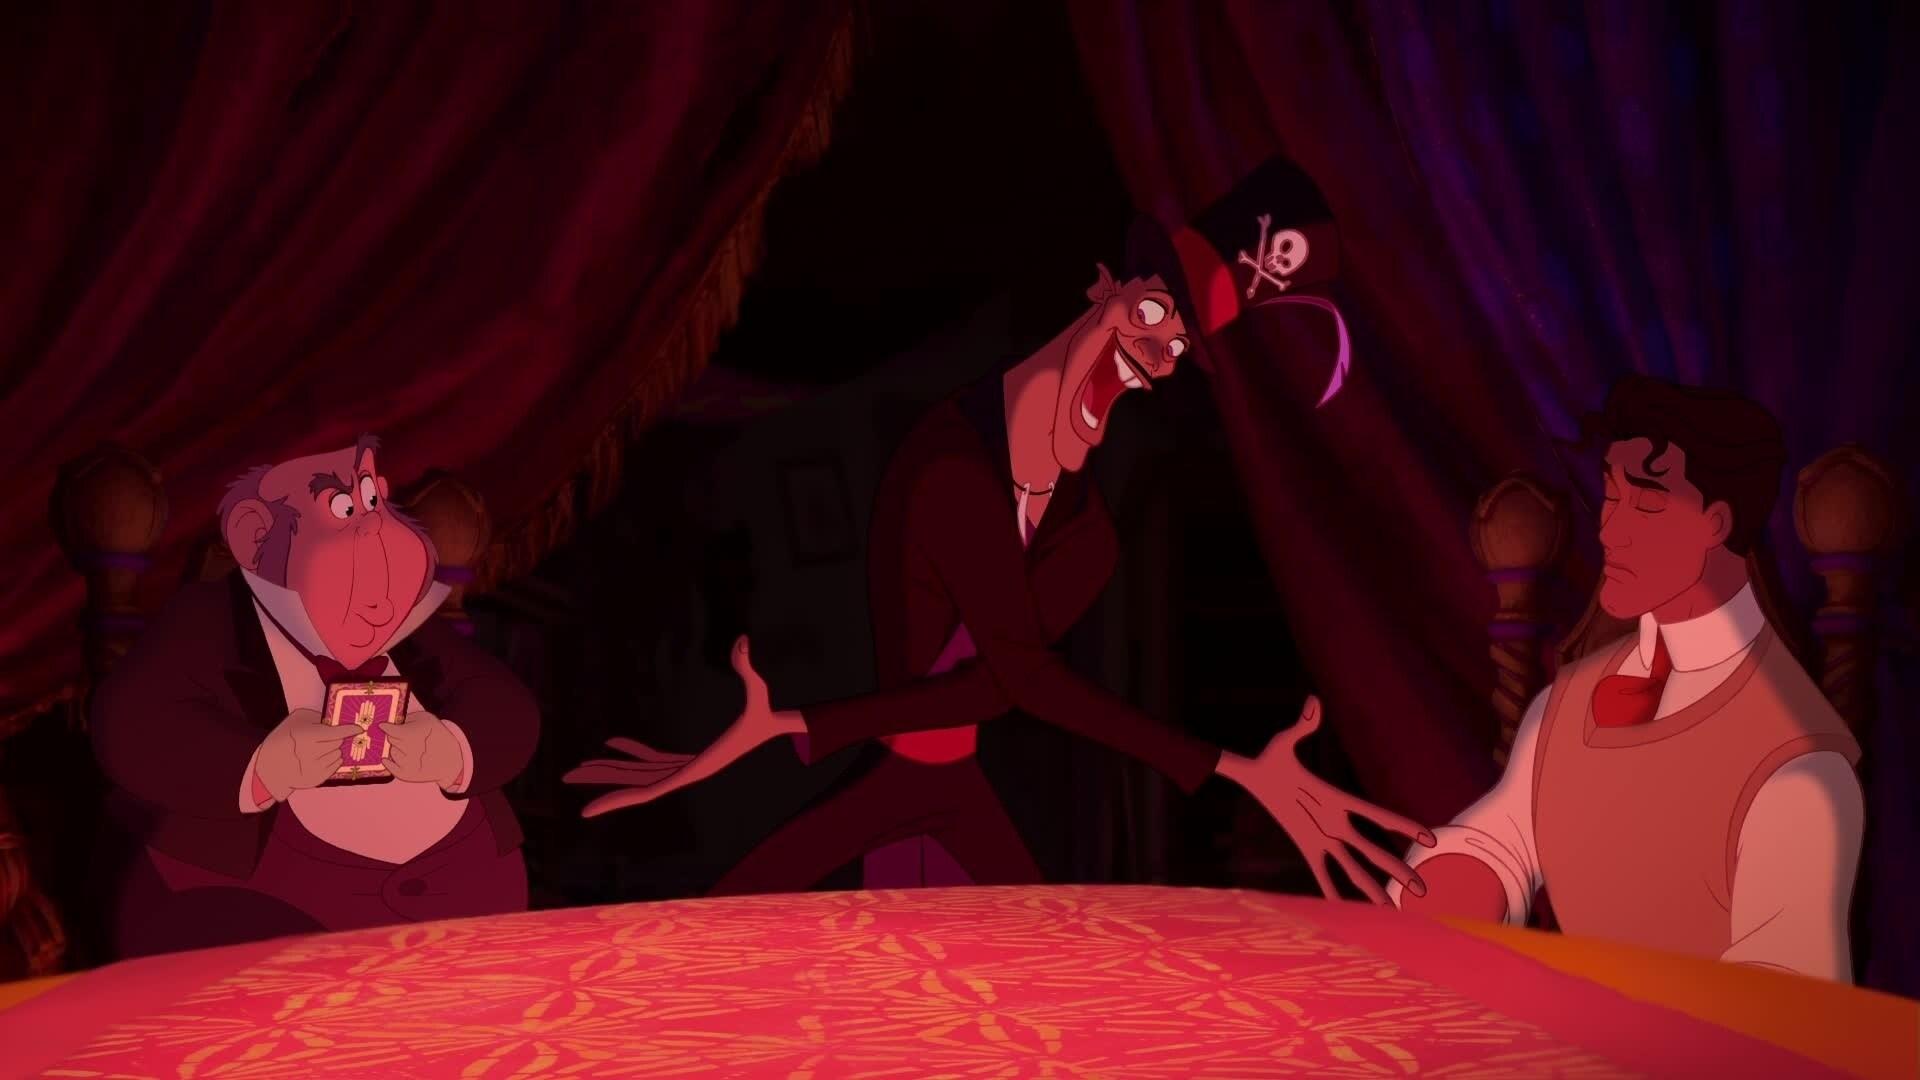 La Princesse et la Grenouille - Chanson : Mes Amis de l'Au-Delà (par Dr Facilier)